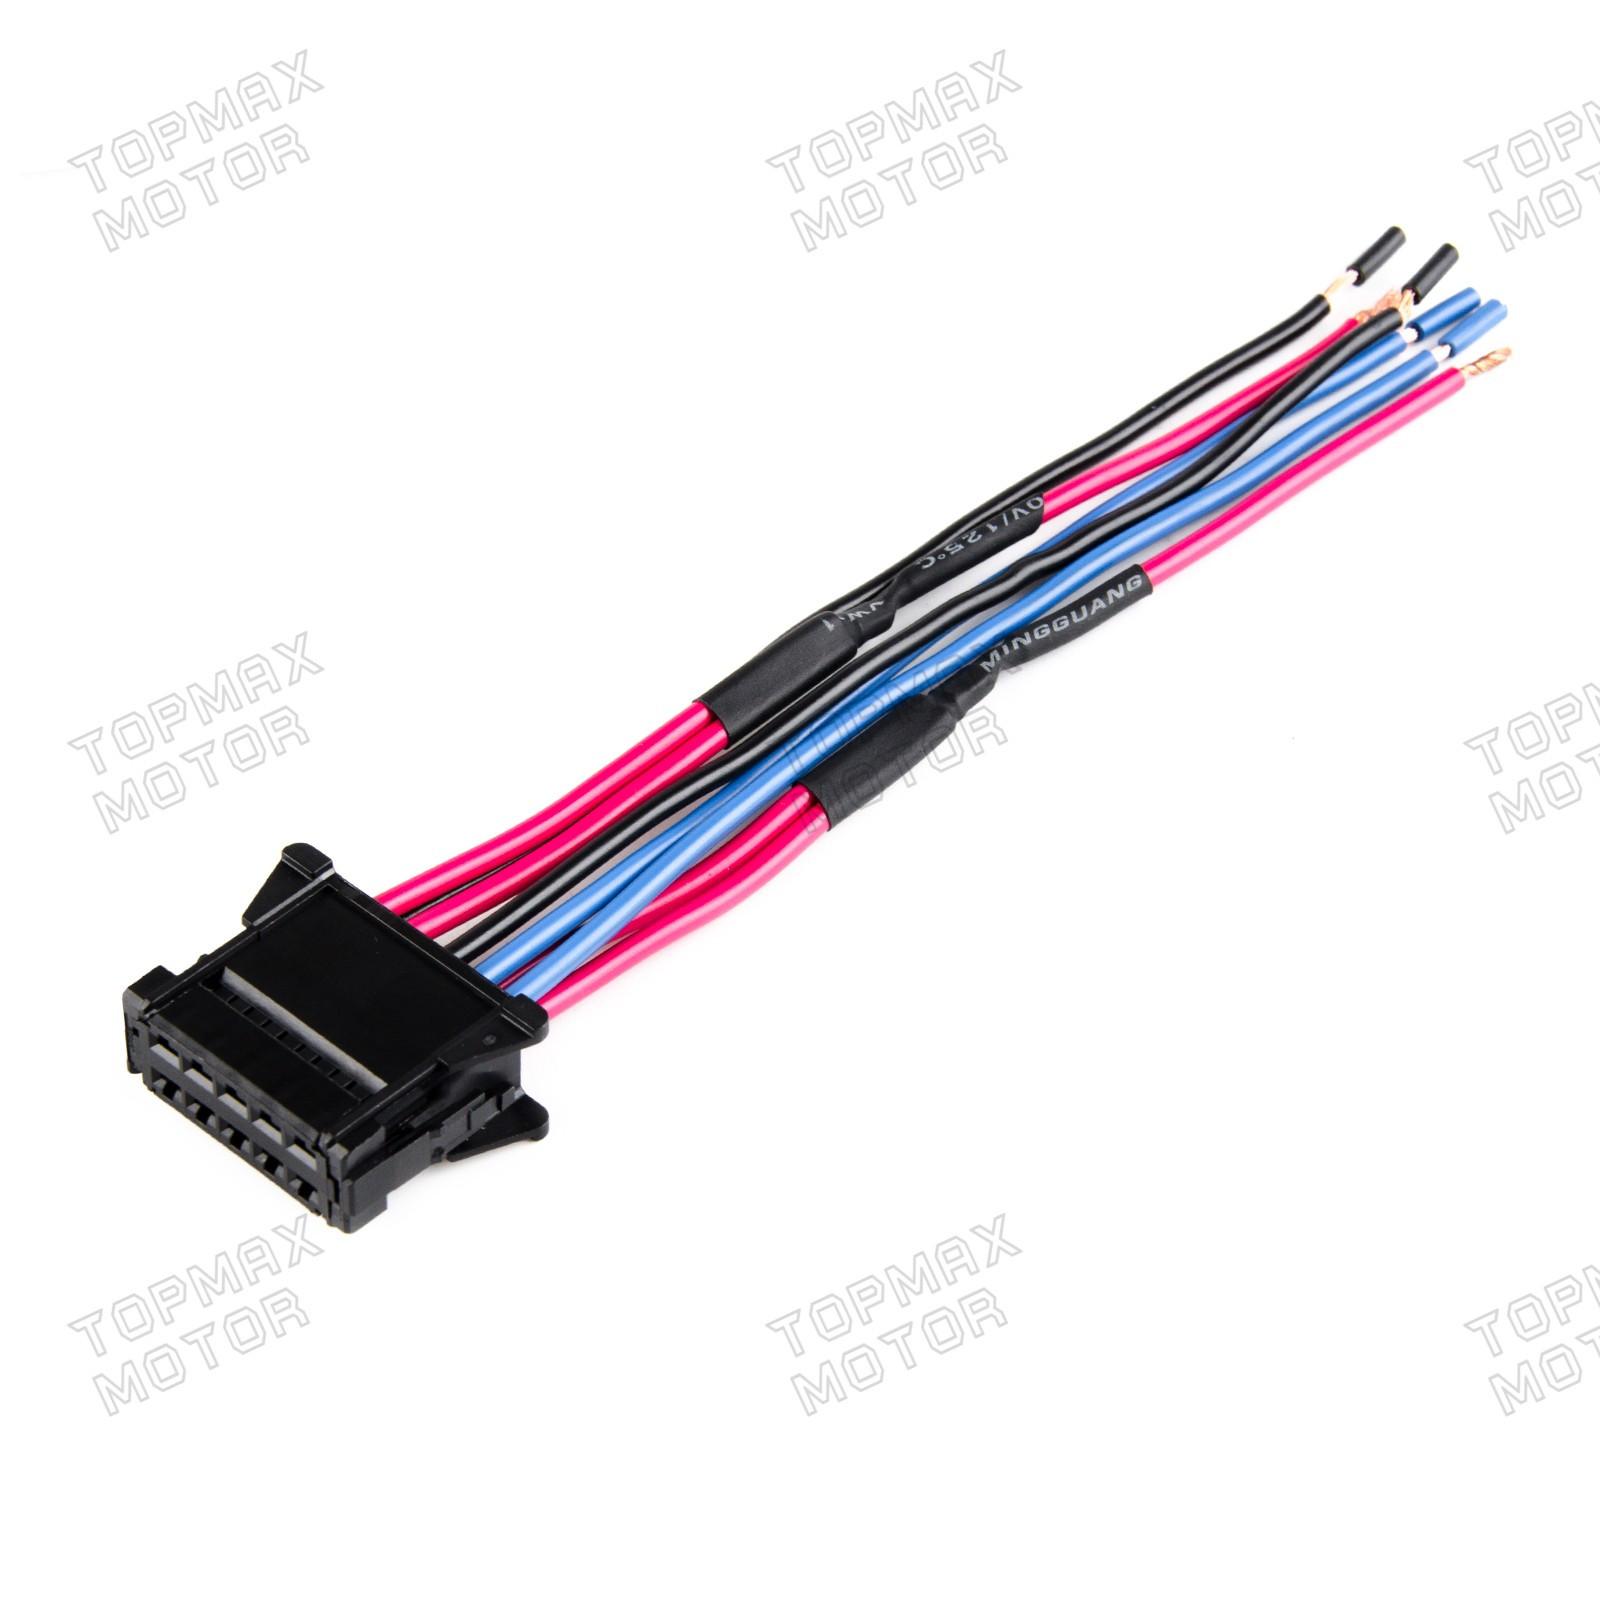 For Renault Heater Blower Fan Resistor Wiring Loom Harness Repair kit  8200729298